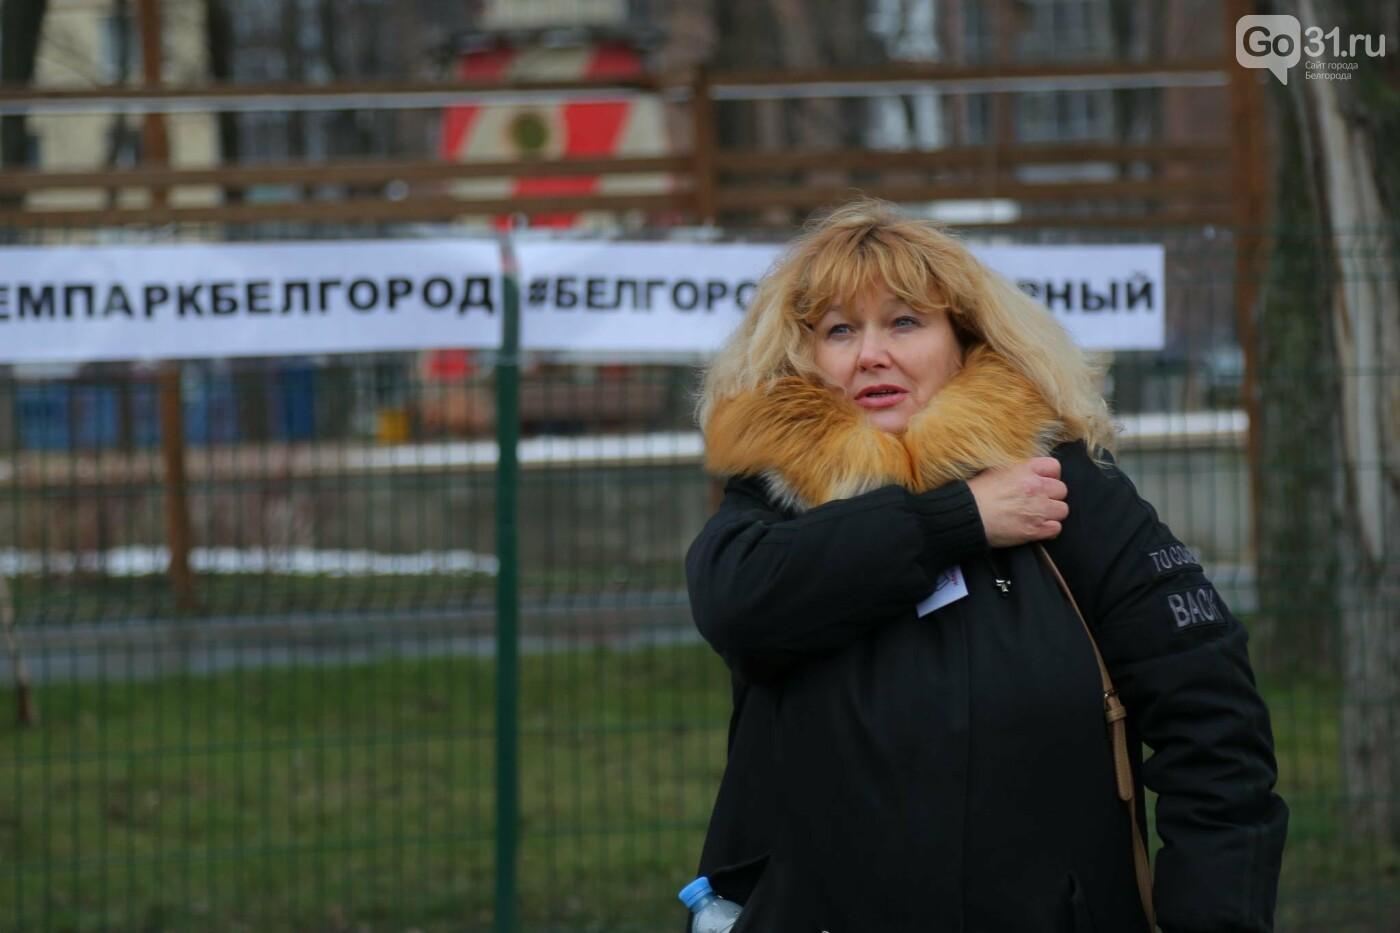 Александр Каракулов: С Центральным парком сейчас всё складывается не лучшим образом, фото-6